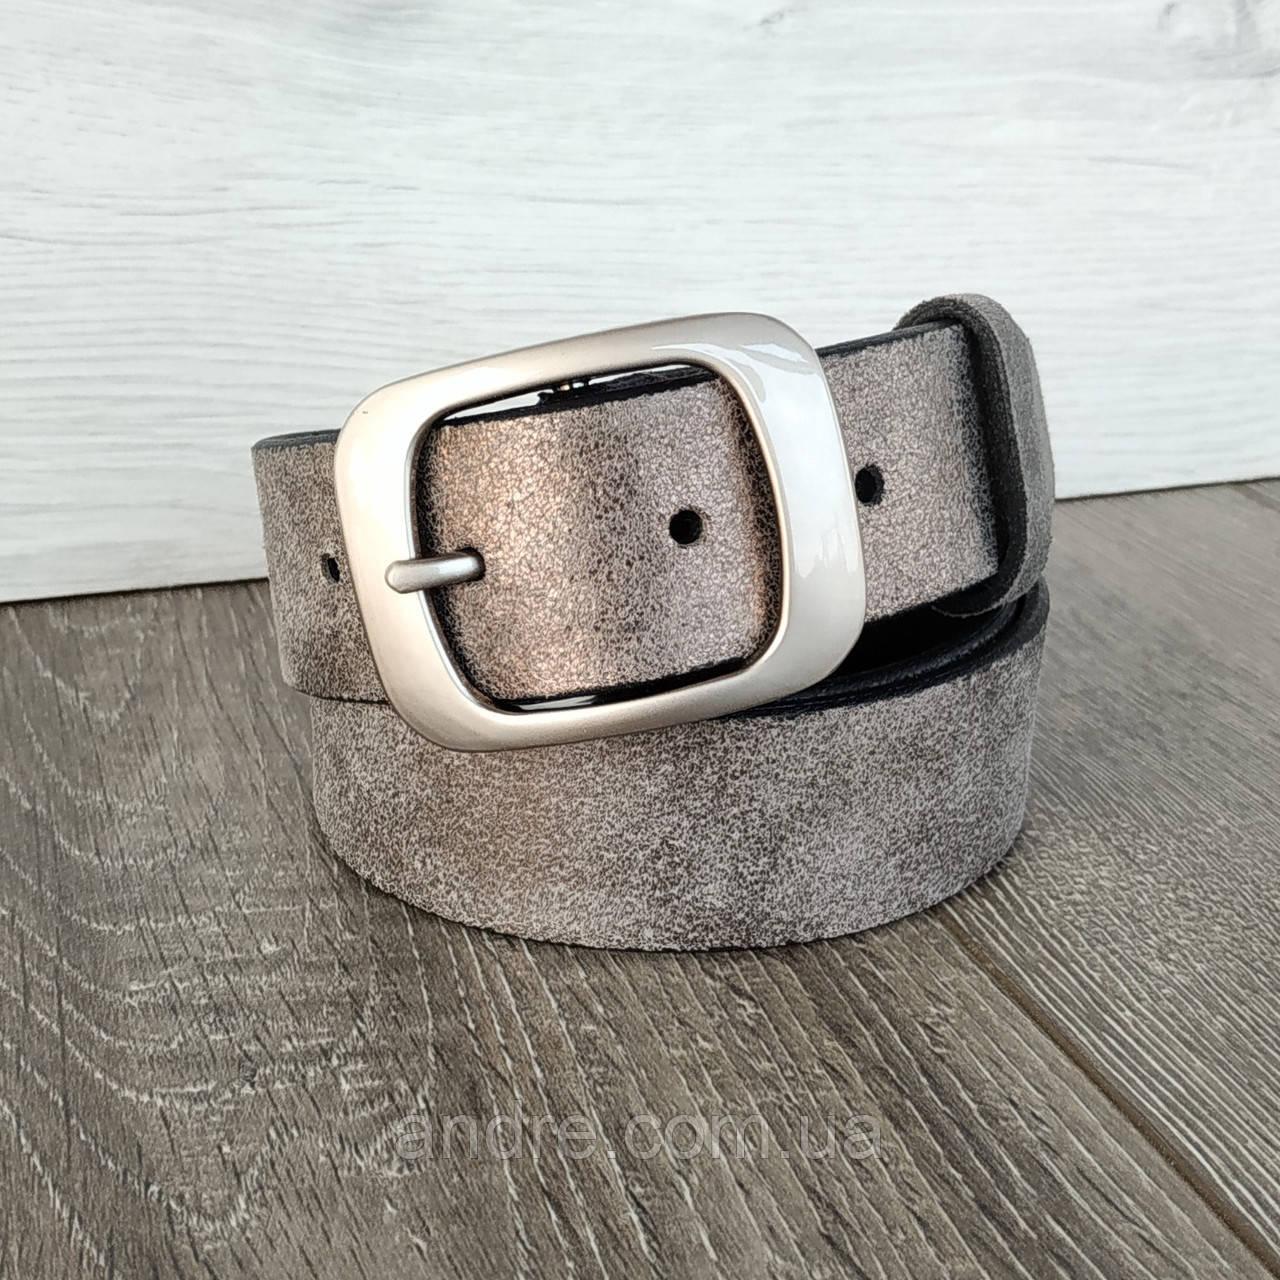 Ремень женский серебристый кожаный 3.5 см